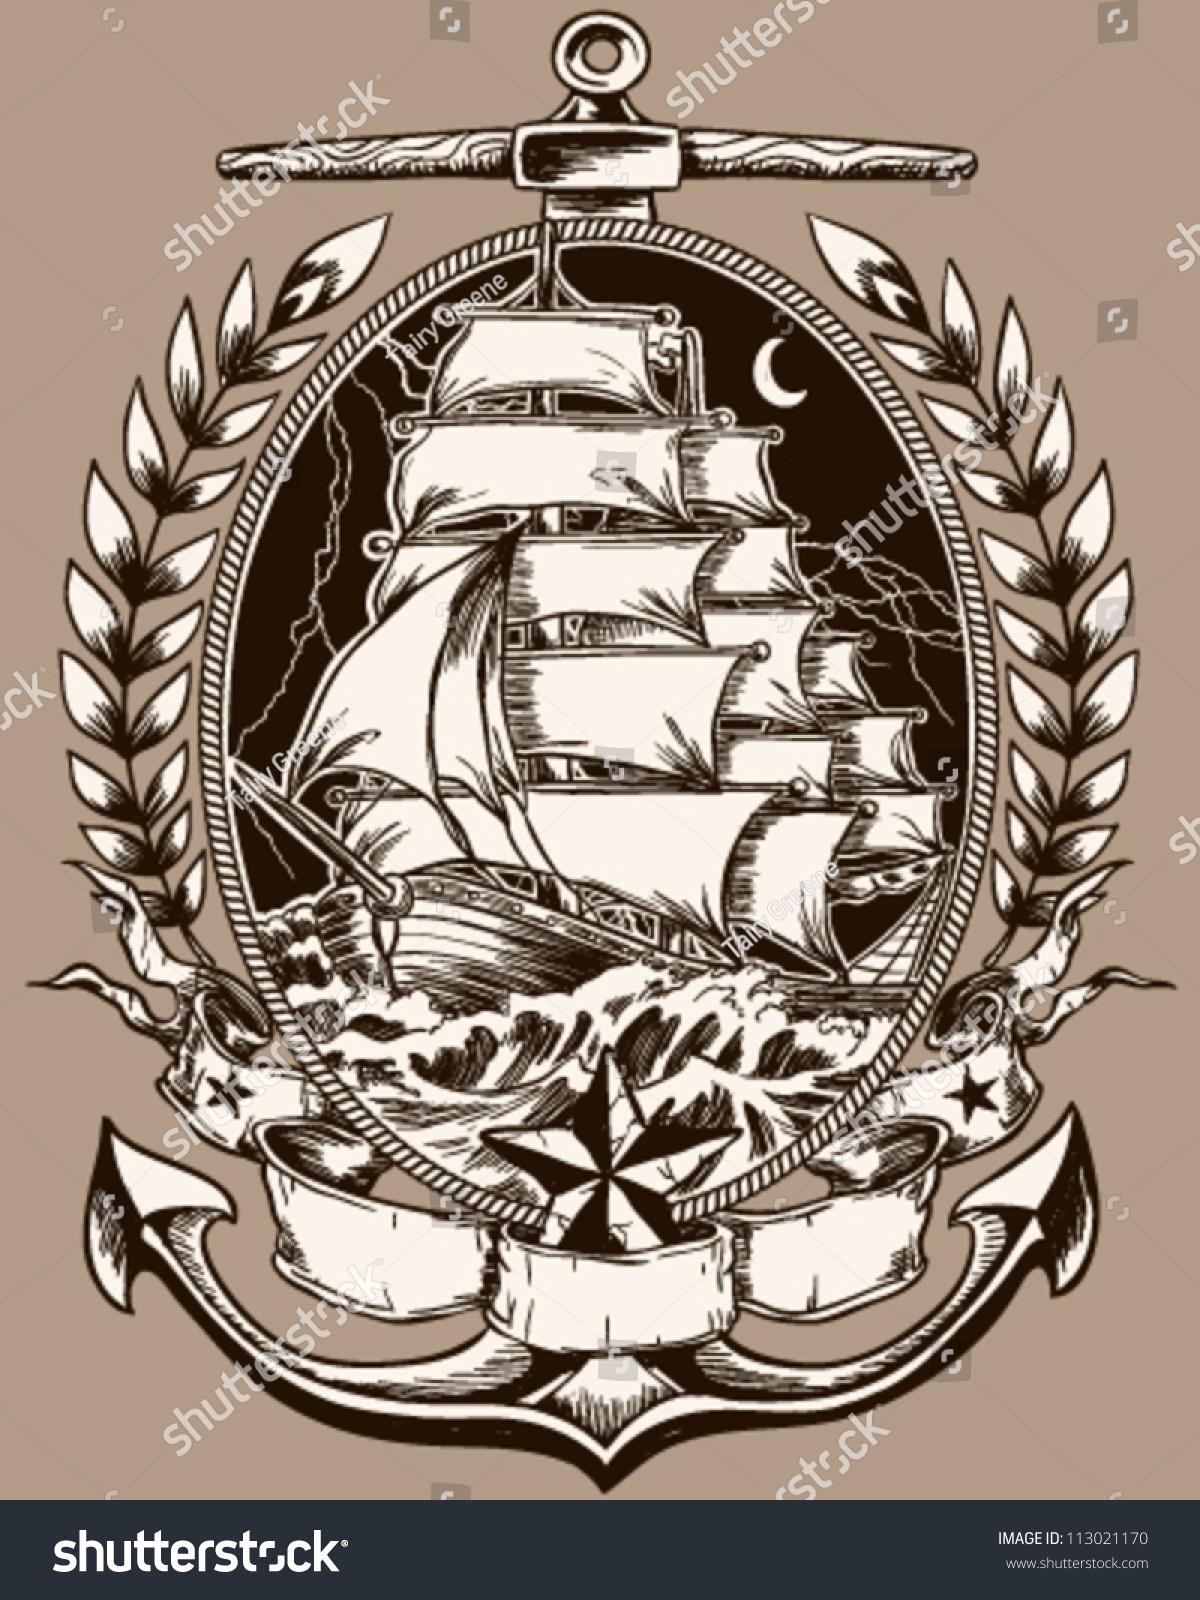 Image Vectorielle De Stock De Bateau Pirate De Style Tatouage En 113021170